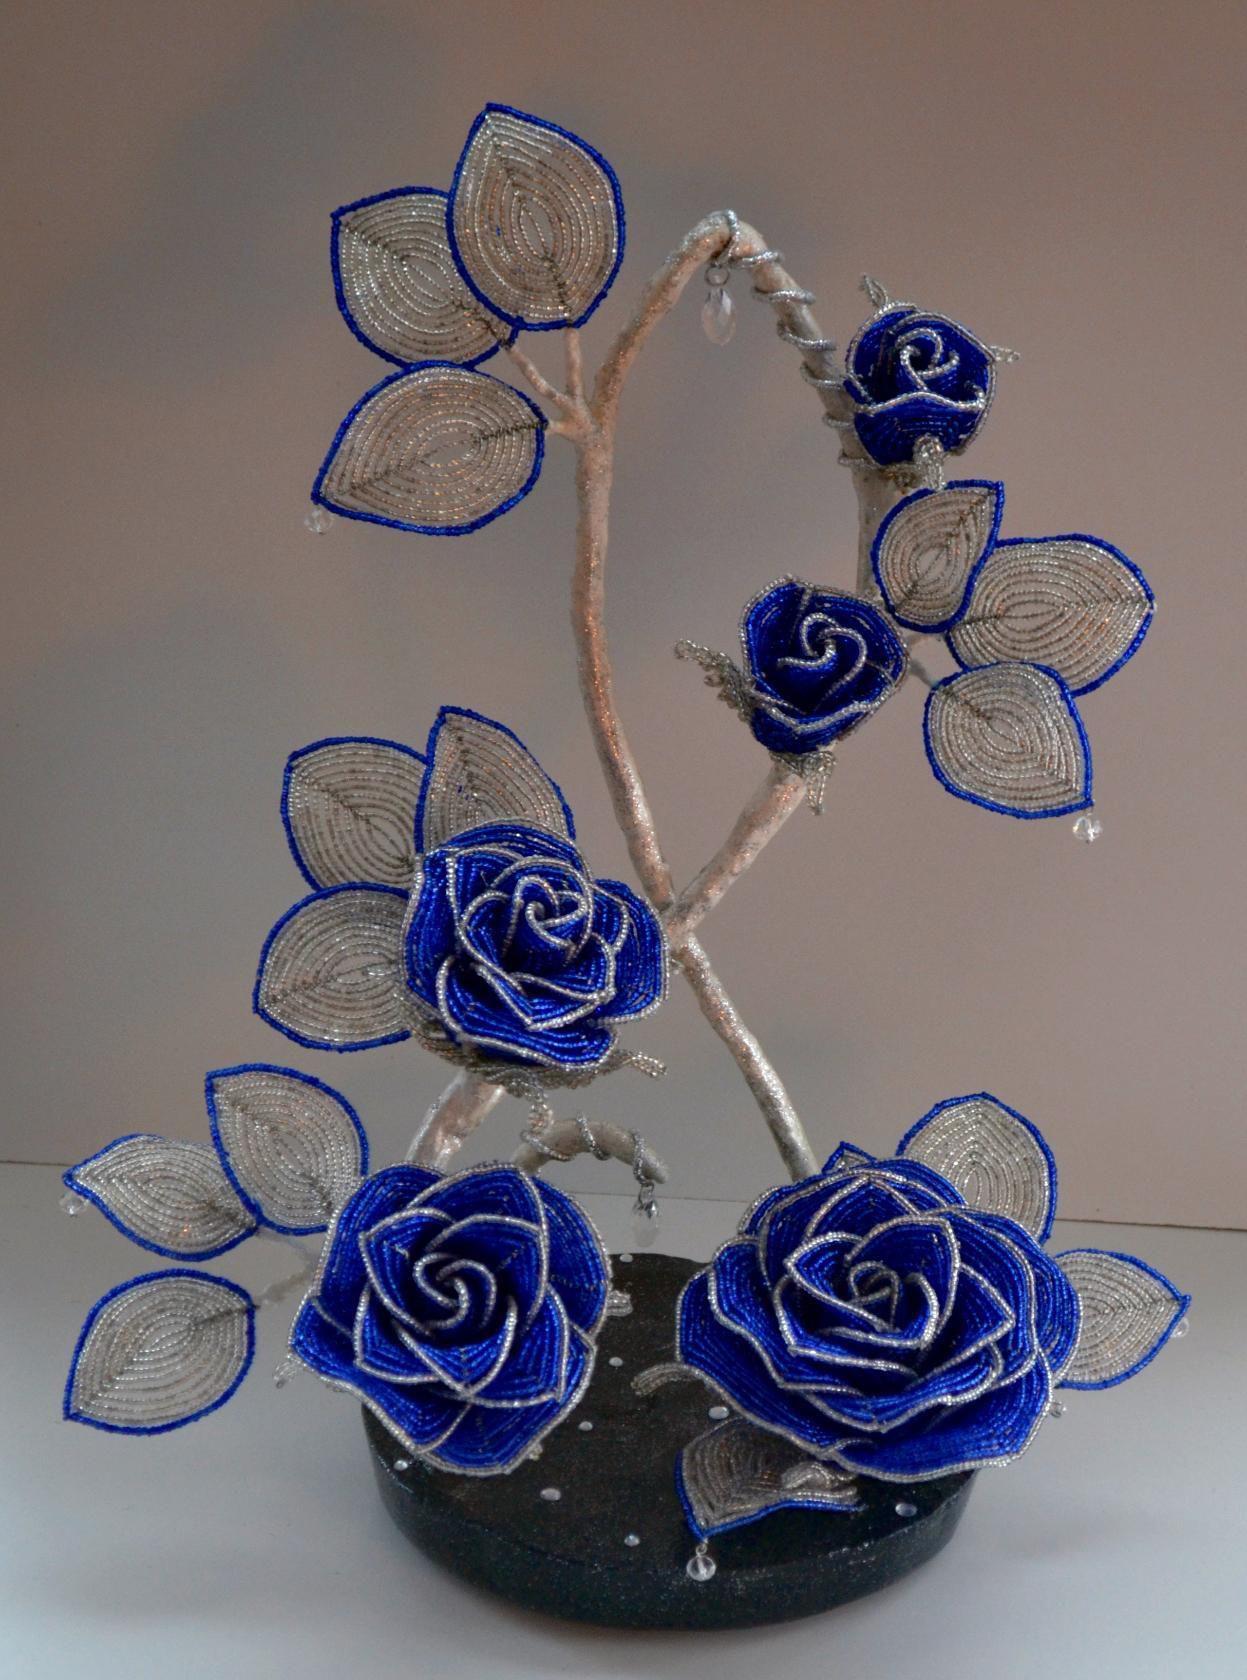 розы 8марта весна сувенир бисер букет цветы подарок